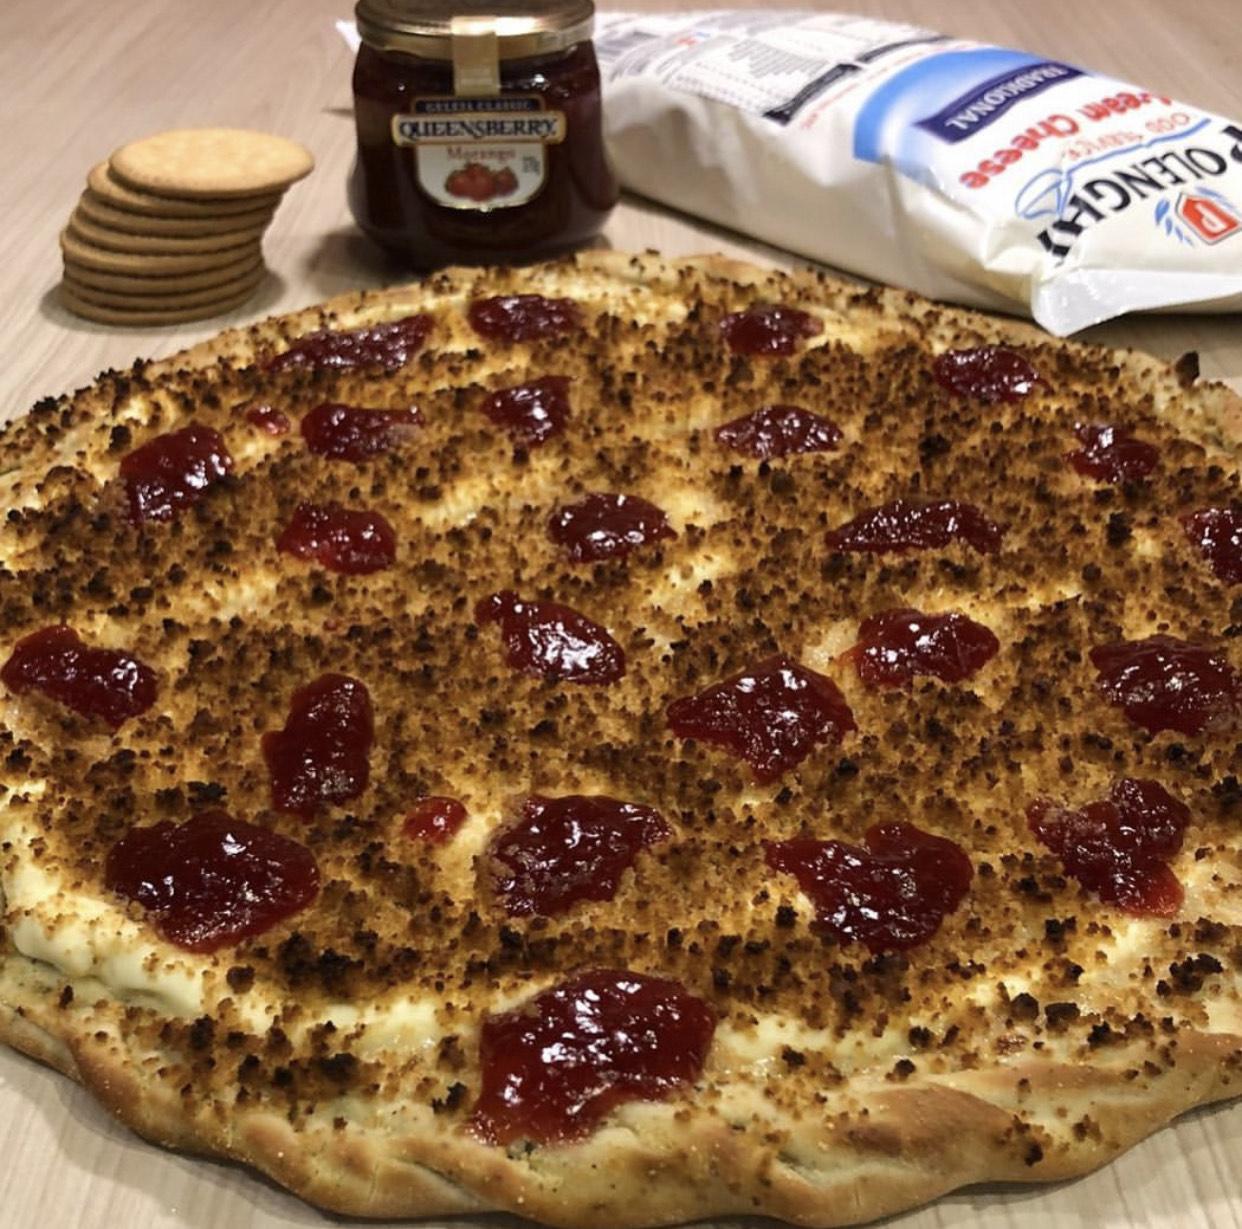 A Hot Box Pizza chegou no Barato com o cardápio mais ousado de Fortaleza! Pizza Grande Hot Supreme ou Peito de Peru Prime de R$65 por apenas R$45,50 + 20% extra em 1 pizza doce!